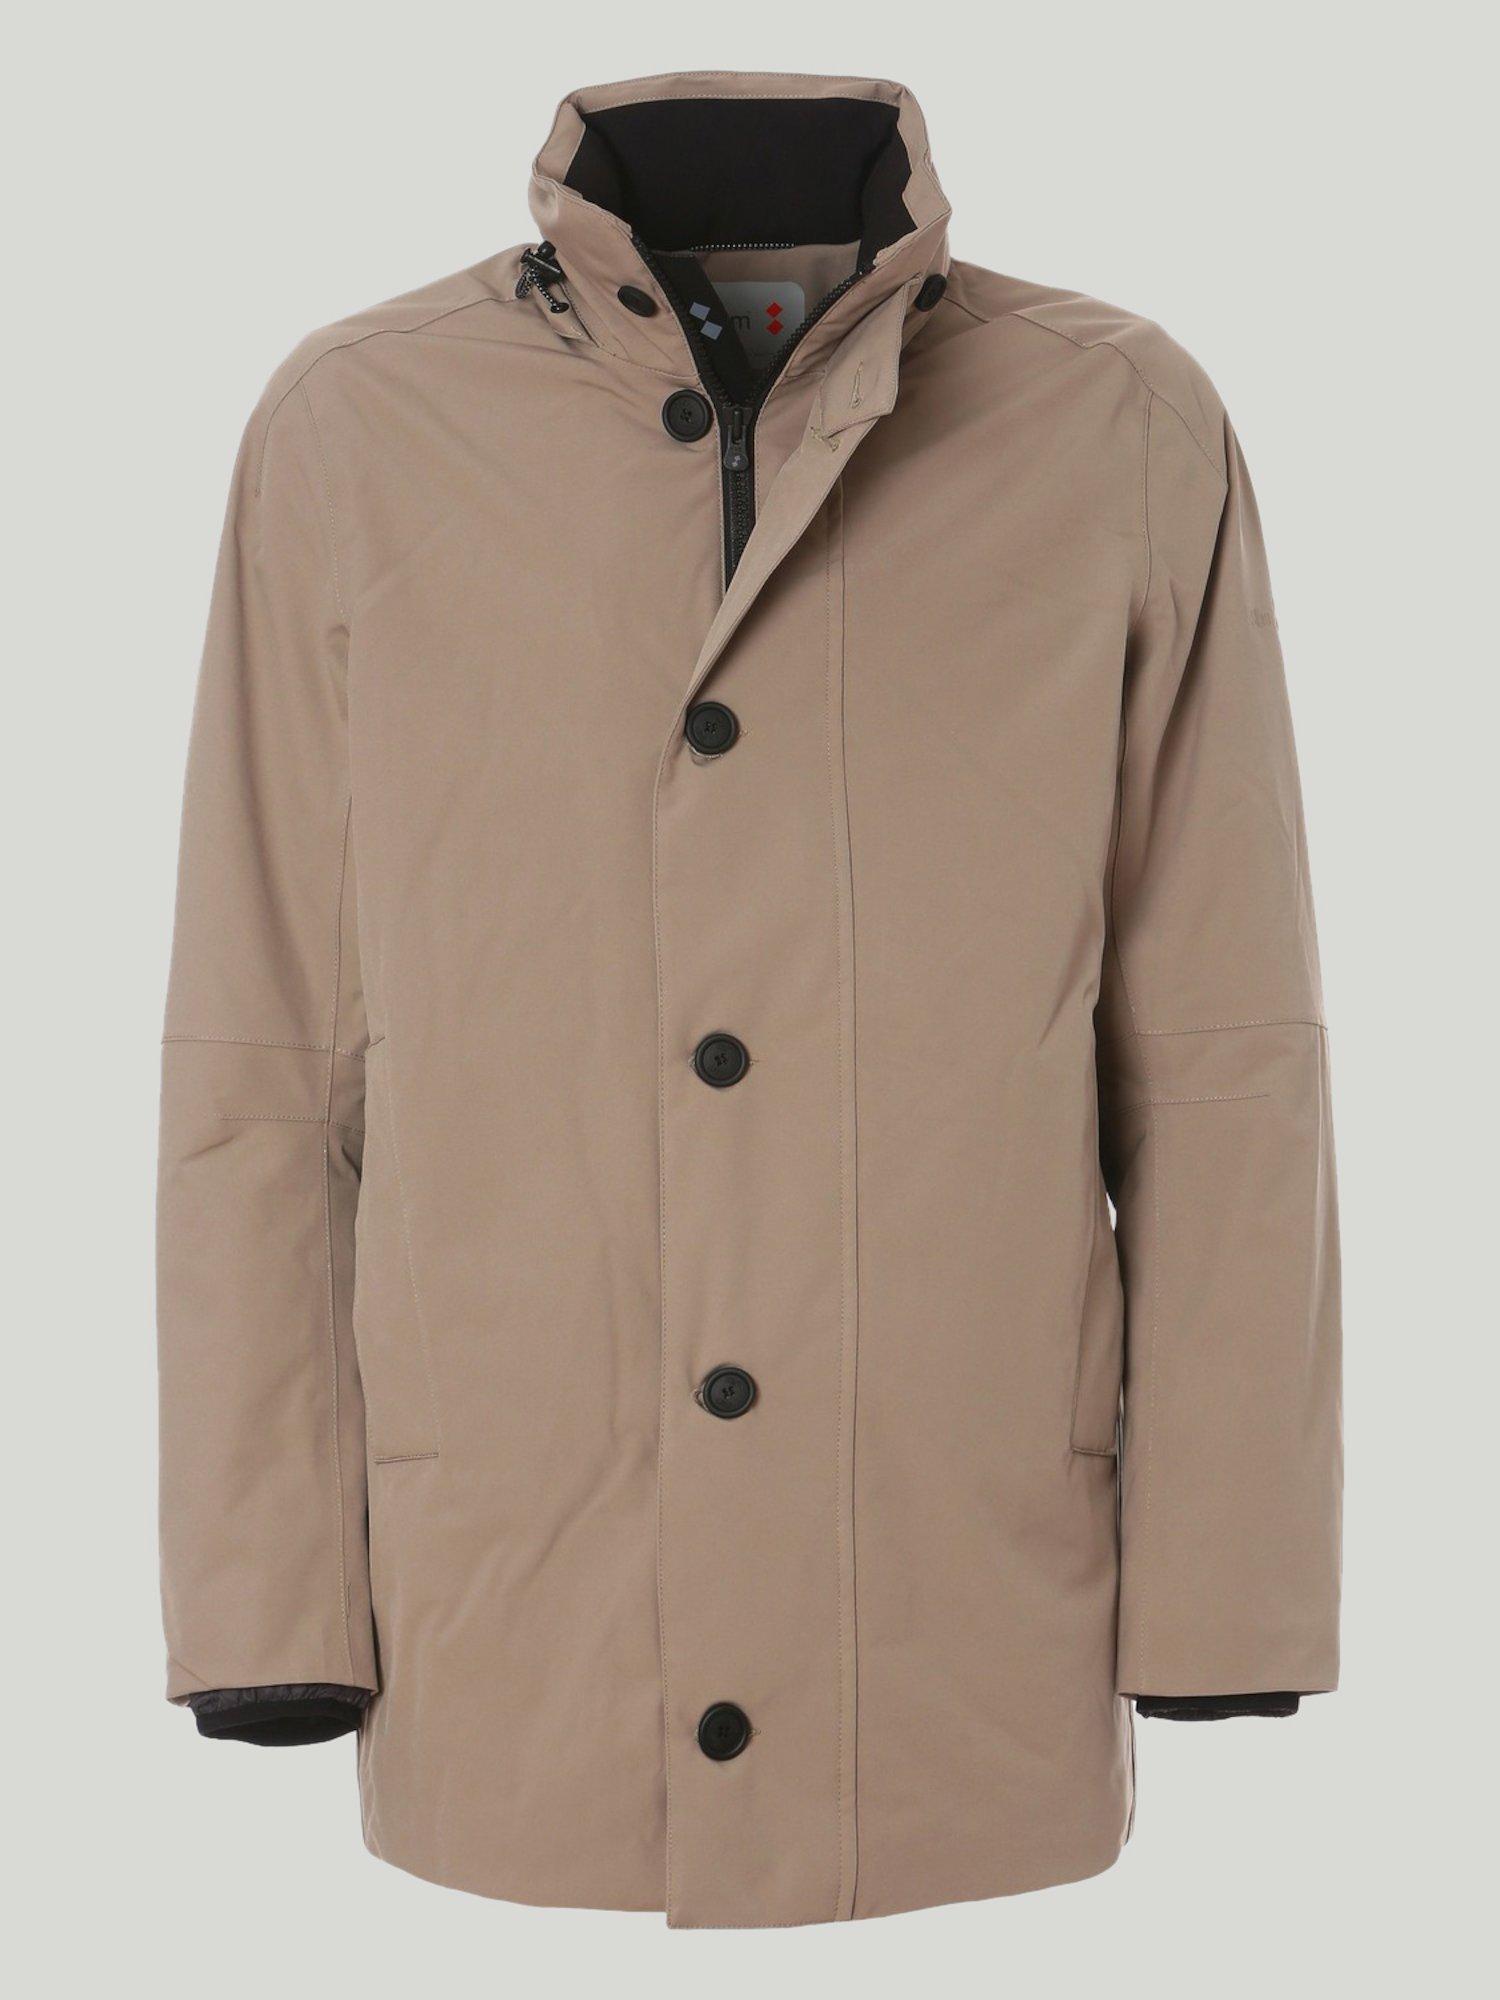 Gardner coat - Rock